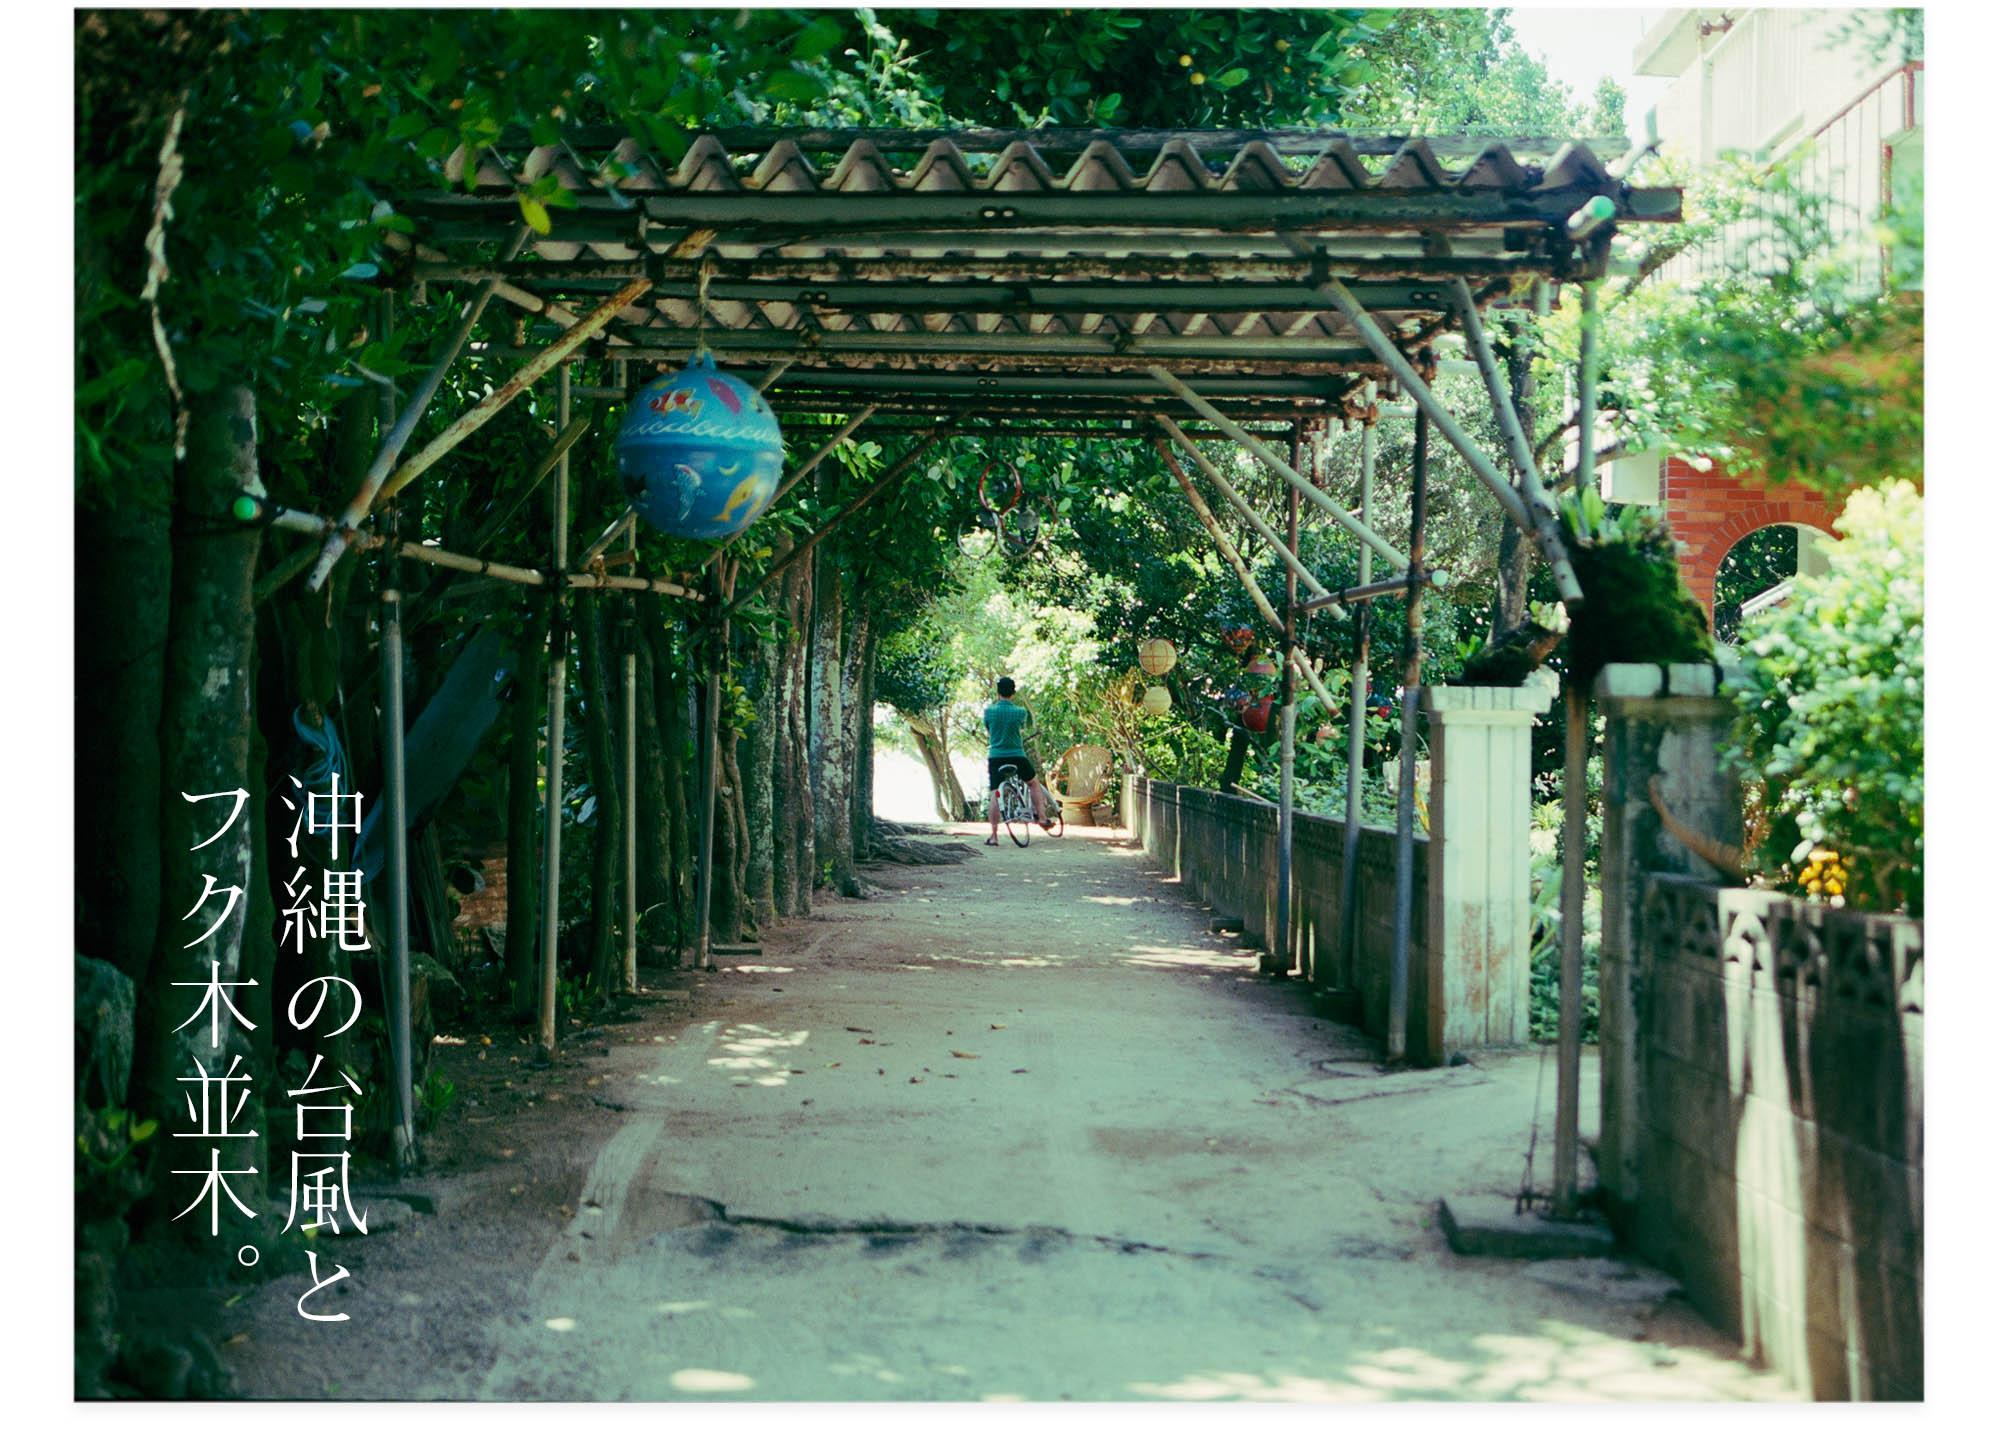 201301008_沖縄の台風とフク木並木